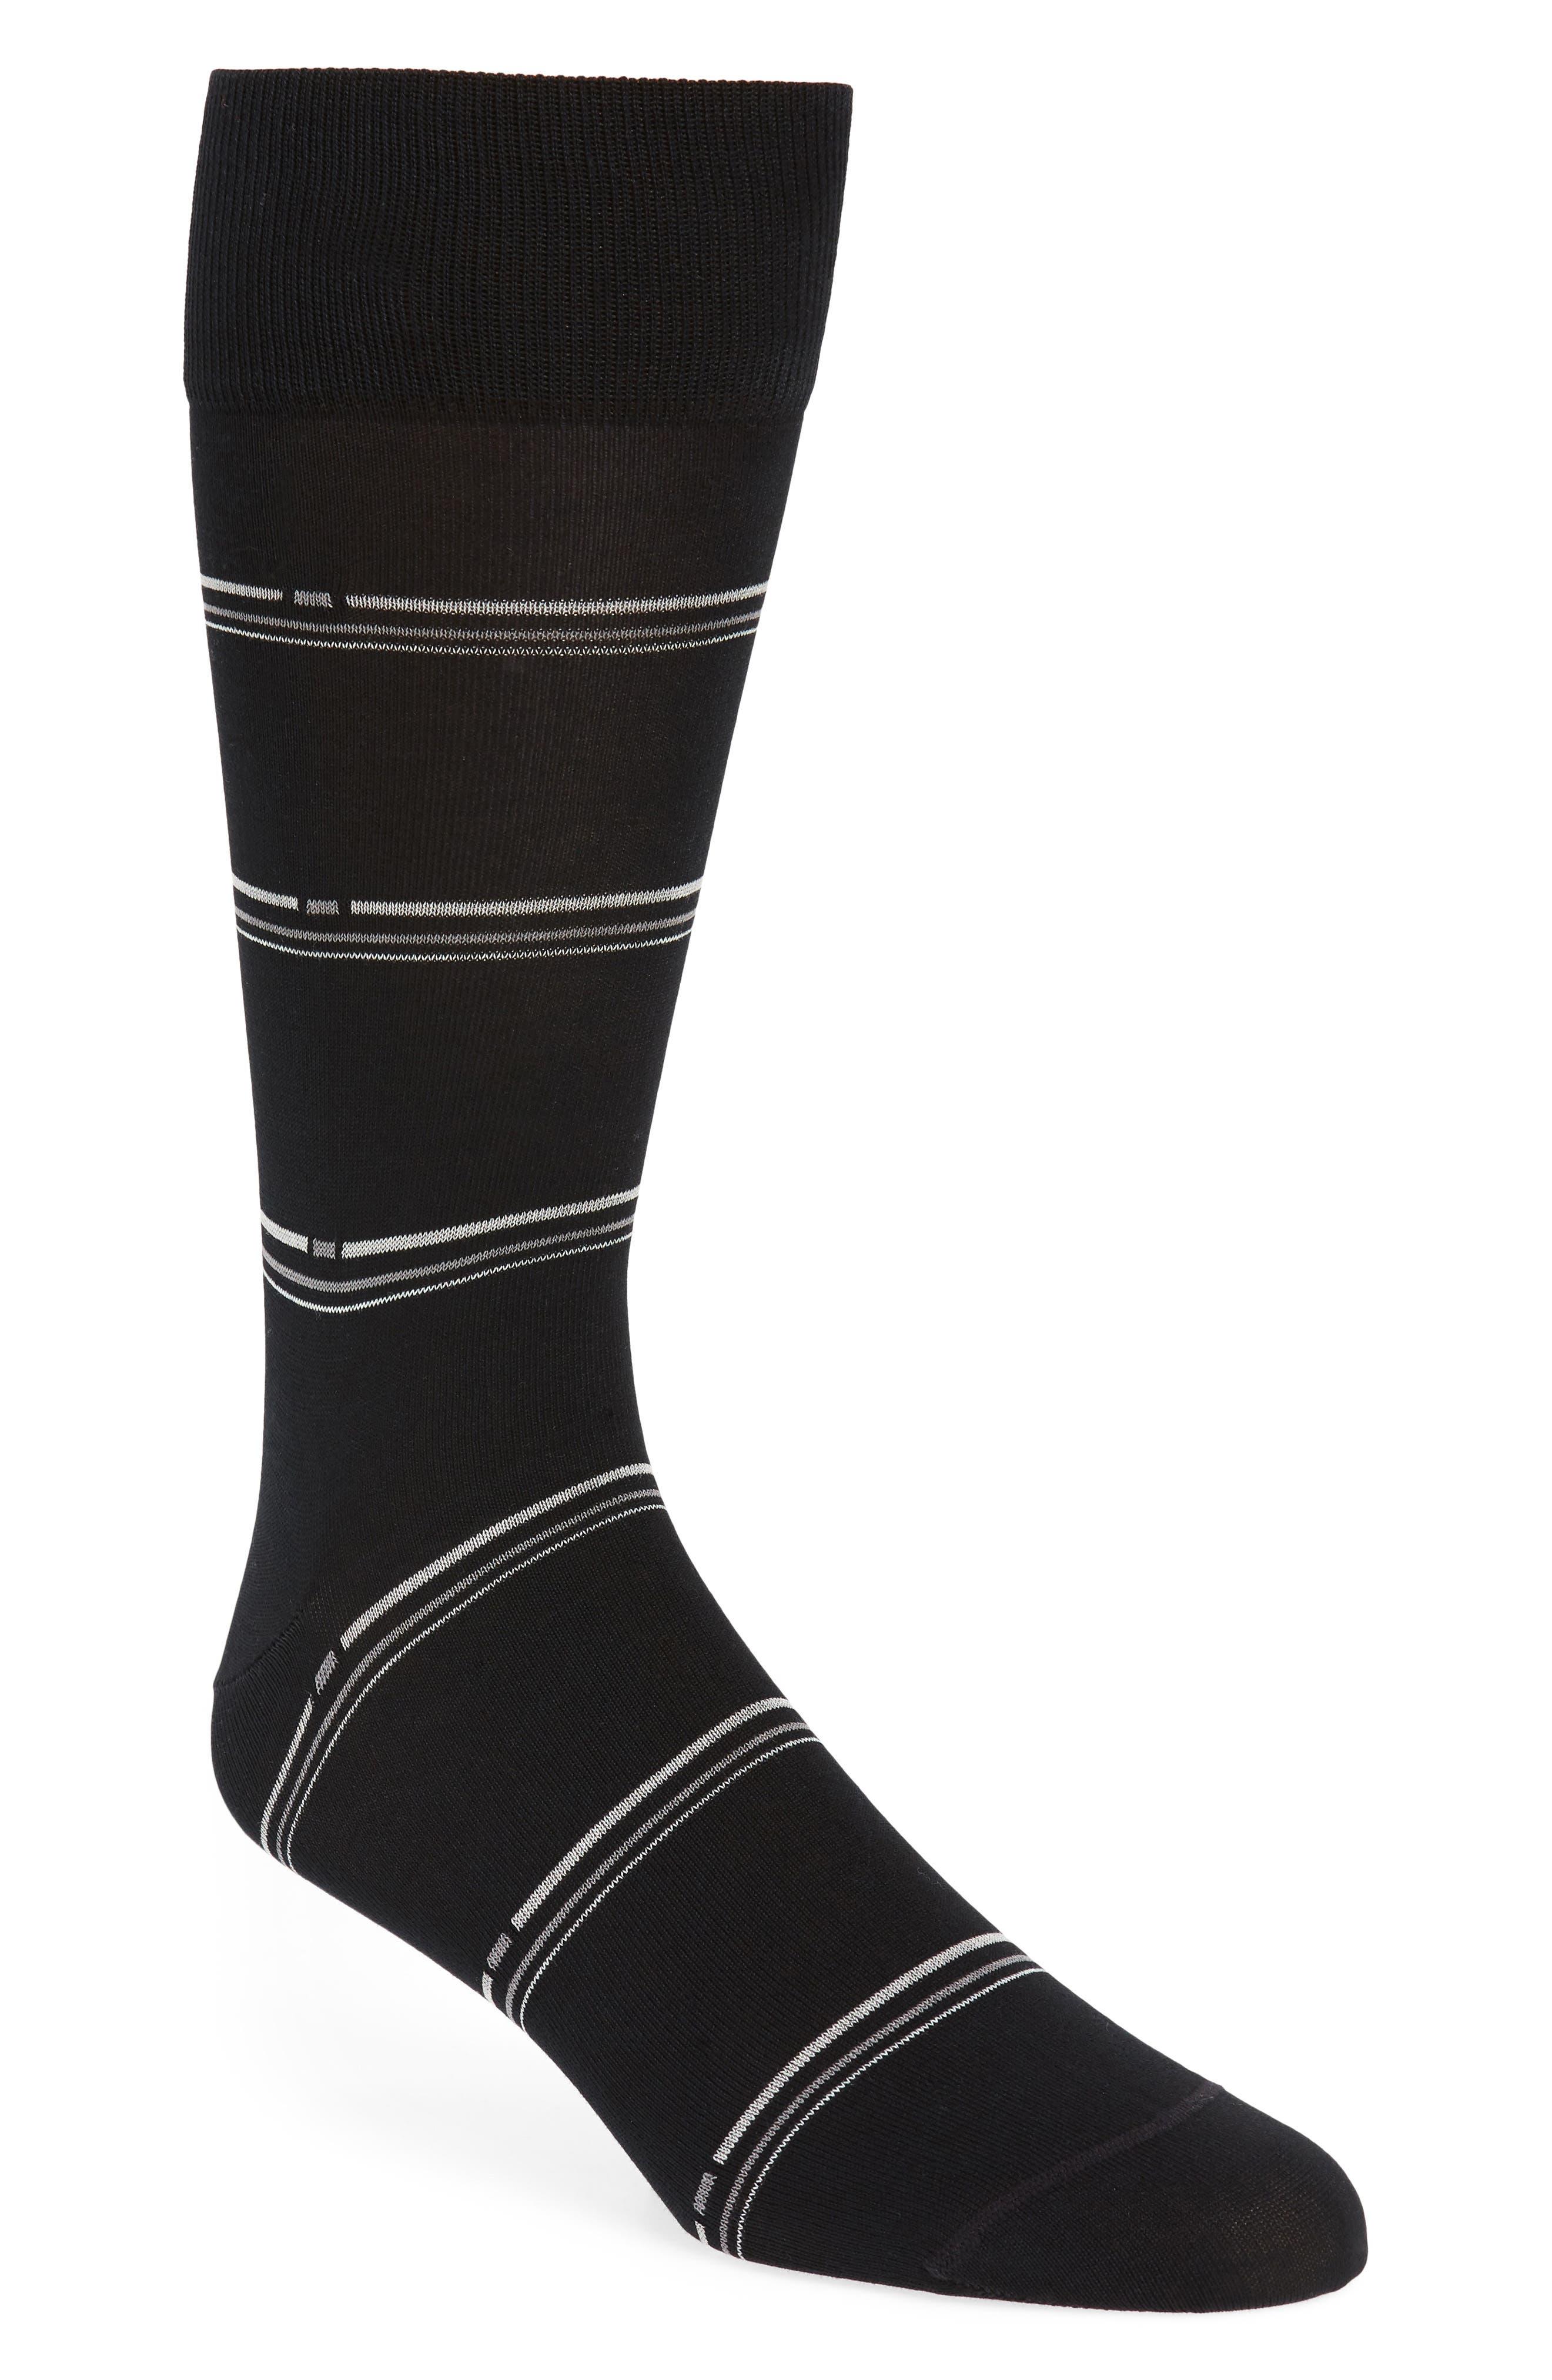 John W. Nordstrom® Broken Stripe Socks